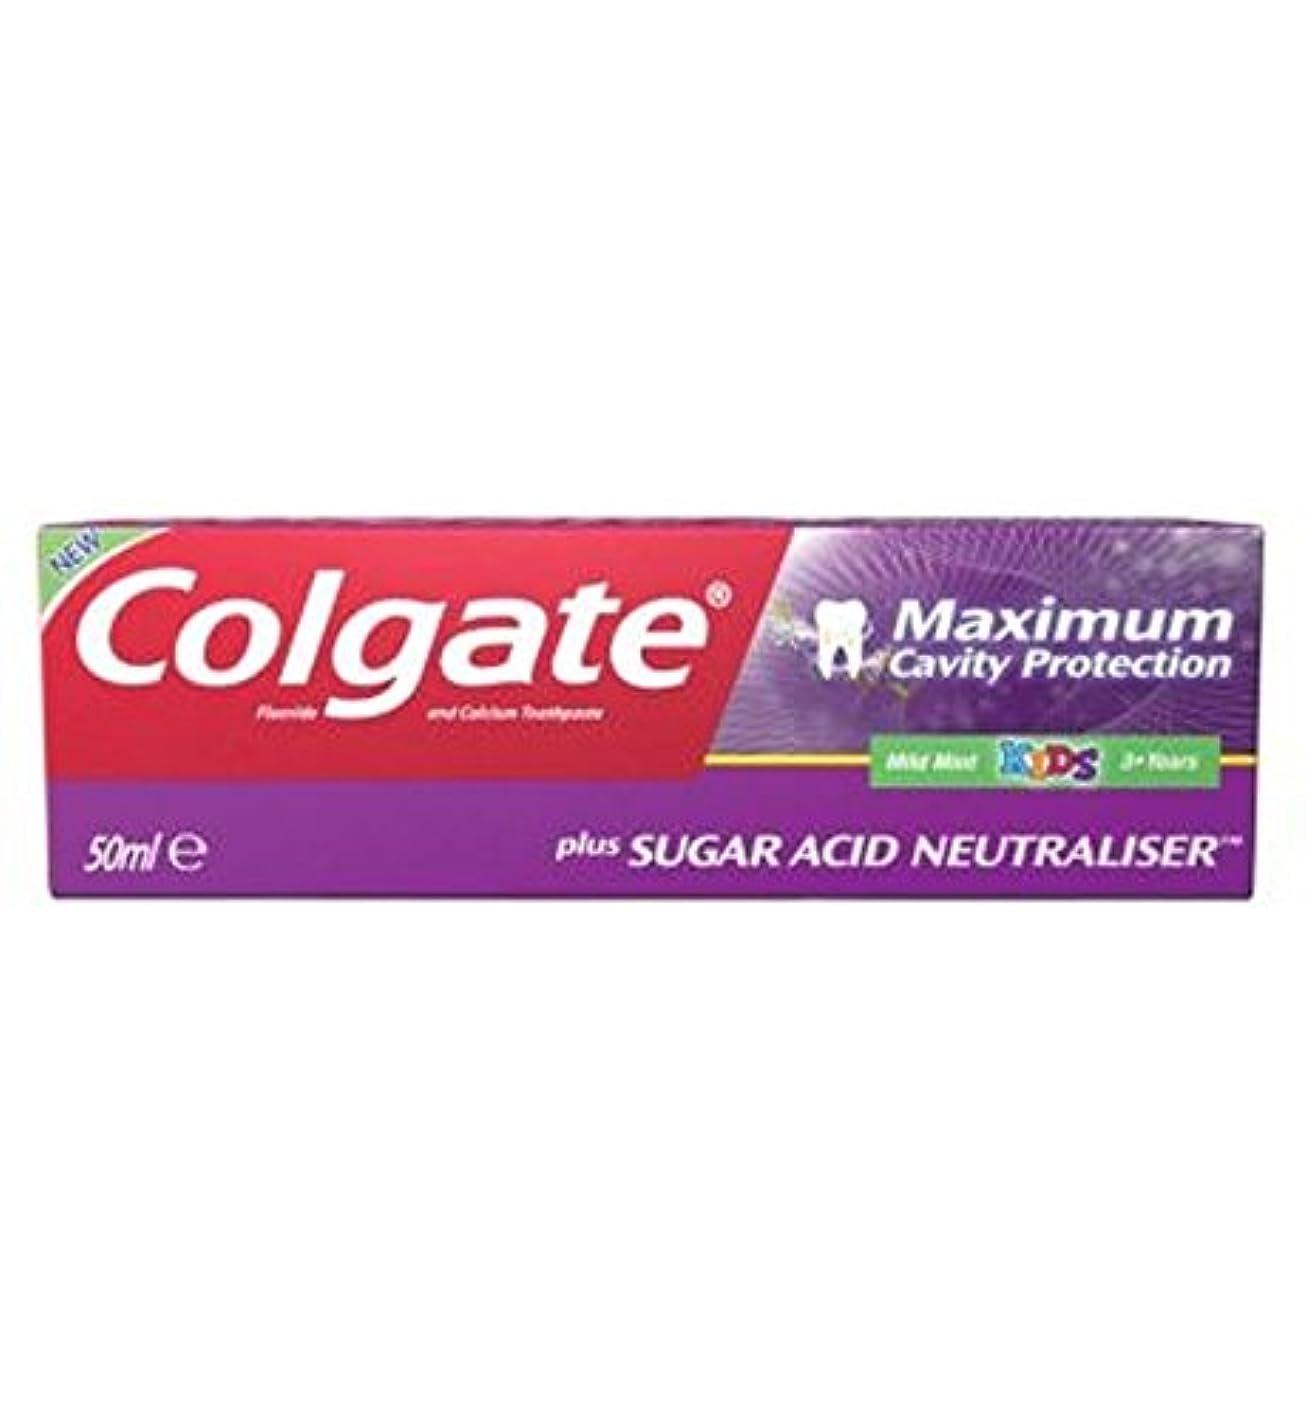 ハンディキャップ置くためにパック副コルゲート最大空洞の保護に加えて、糖酸中和剤の子供の歯磨き粉50ミリリットル (Colgate) (x2) - Colgate Maximum Cavity Protection plus Sugar Acid Neutraliser...